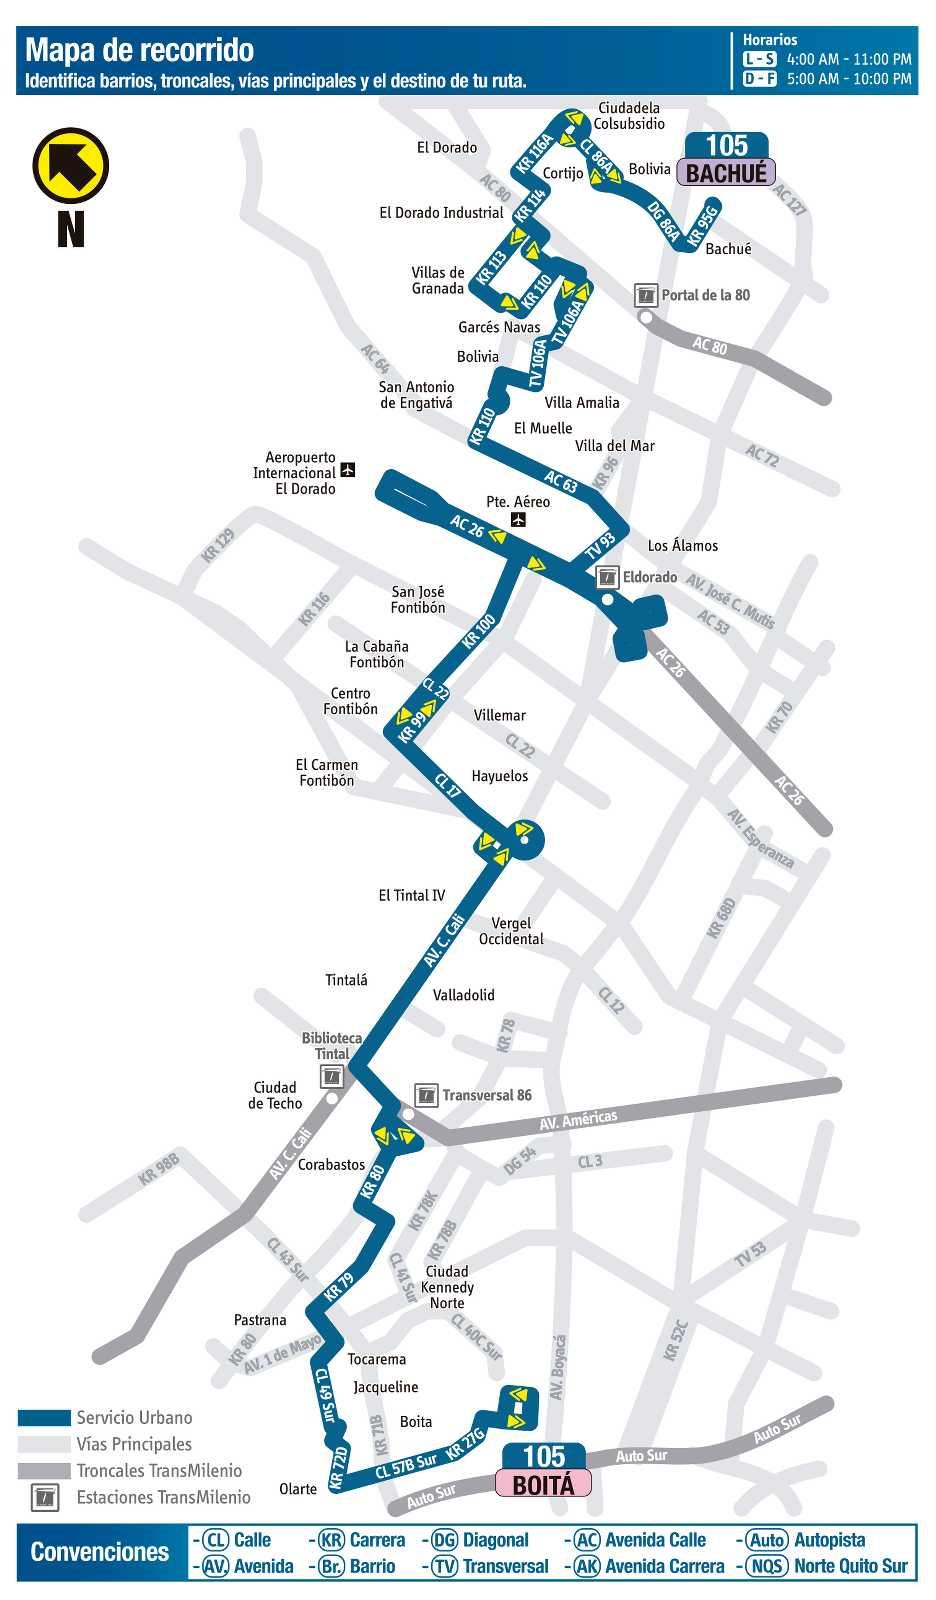 Ruta SITP: 105 Boitá ↔ Bachué (mapa)